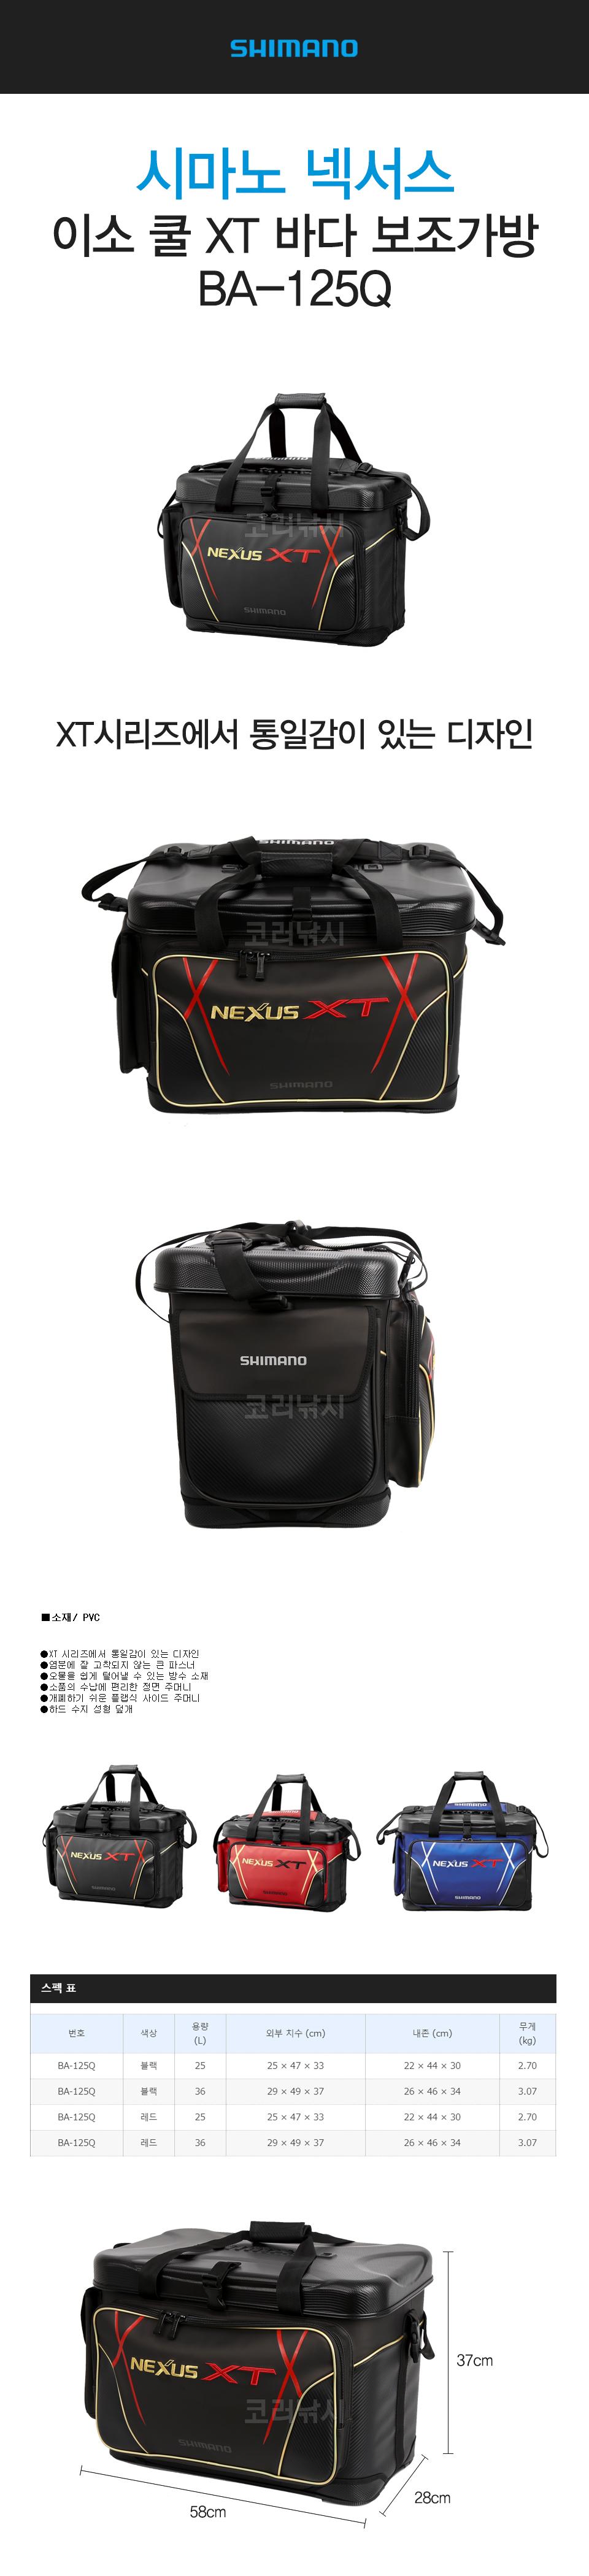 시마노 넥서스 이소 쿨 XT (BA-125Q) 바다보조가방 시마노쿨백 넥서스xt 이소백 보조가방